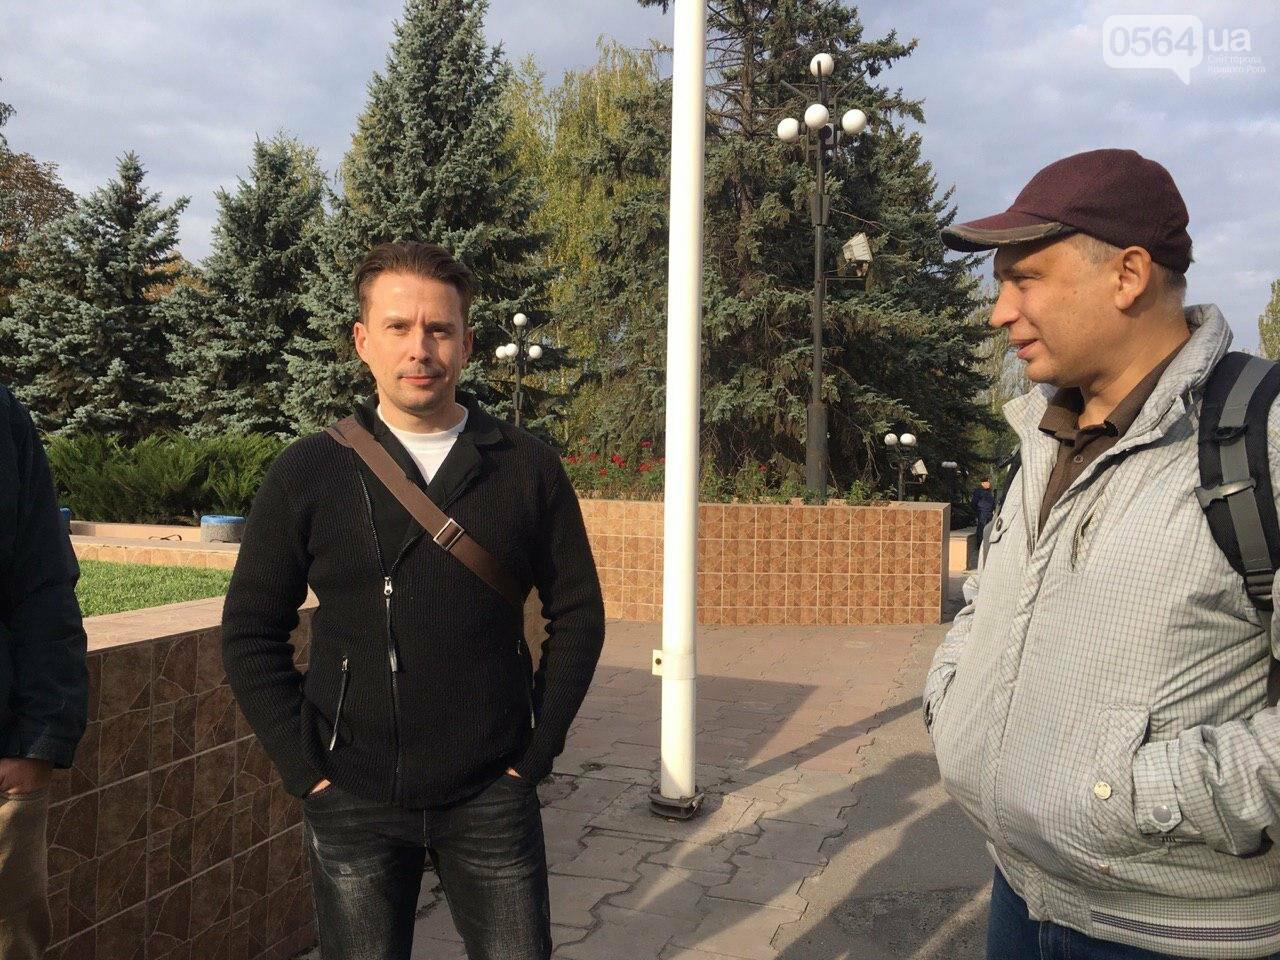 Криворожские активисты вместо Павлова на должность заместителя мэра Кривого Рога предложили Януковича, - ФОТО, ВИДЕО, фото-3